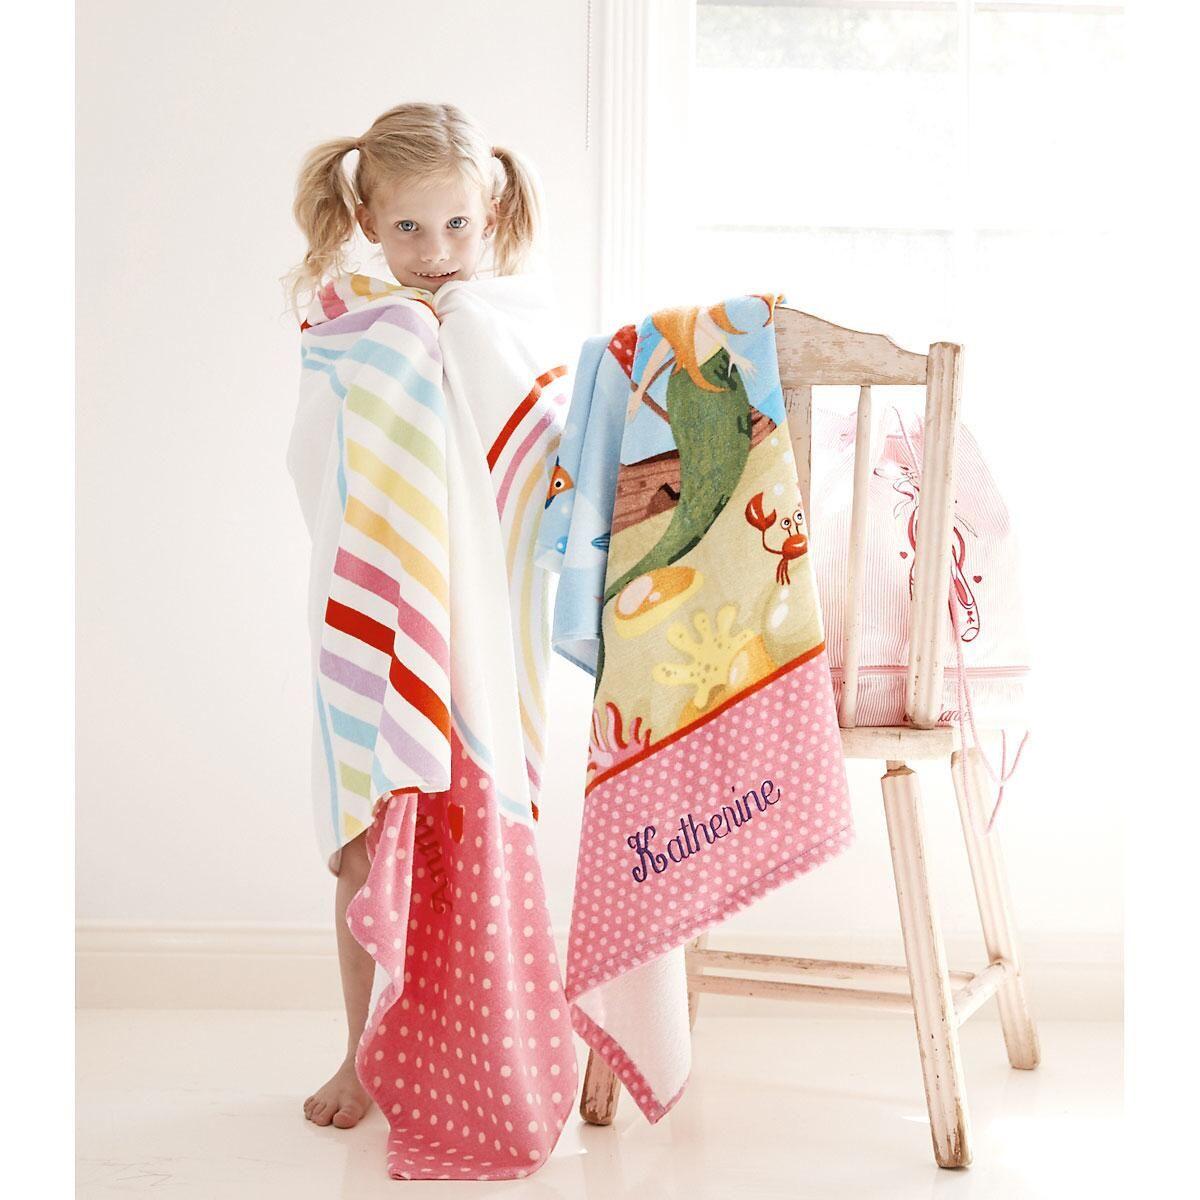 Rainbow Towel by Designer Maureen Anders